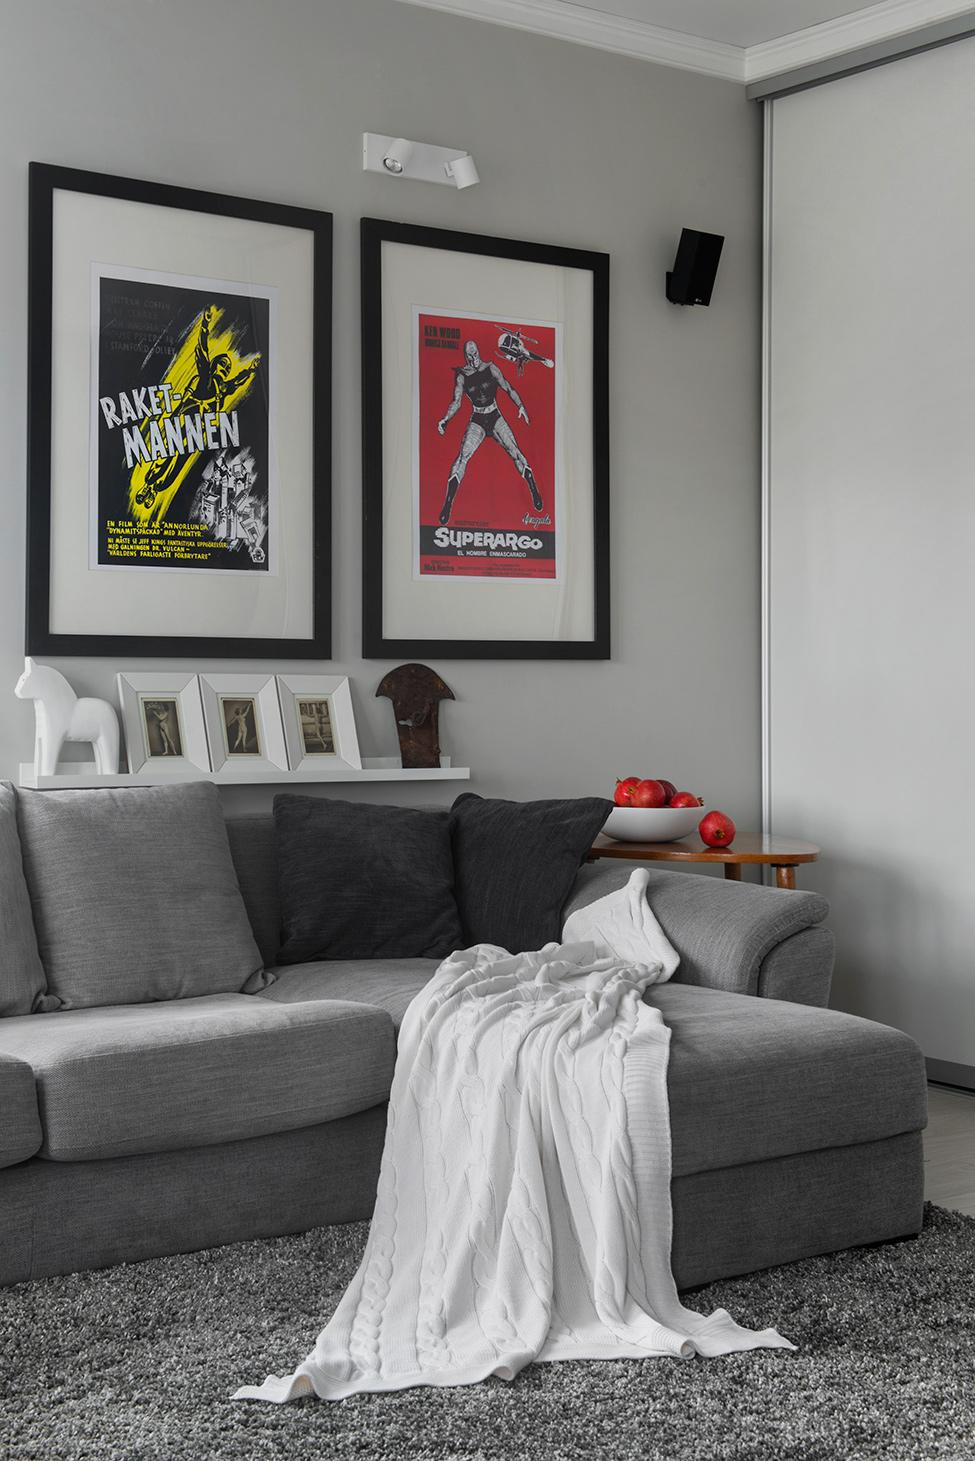 Moderno estudio para chicos blog tienda decoraci n for Decoracion de estudios modernos